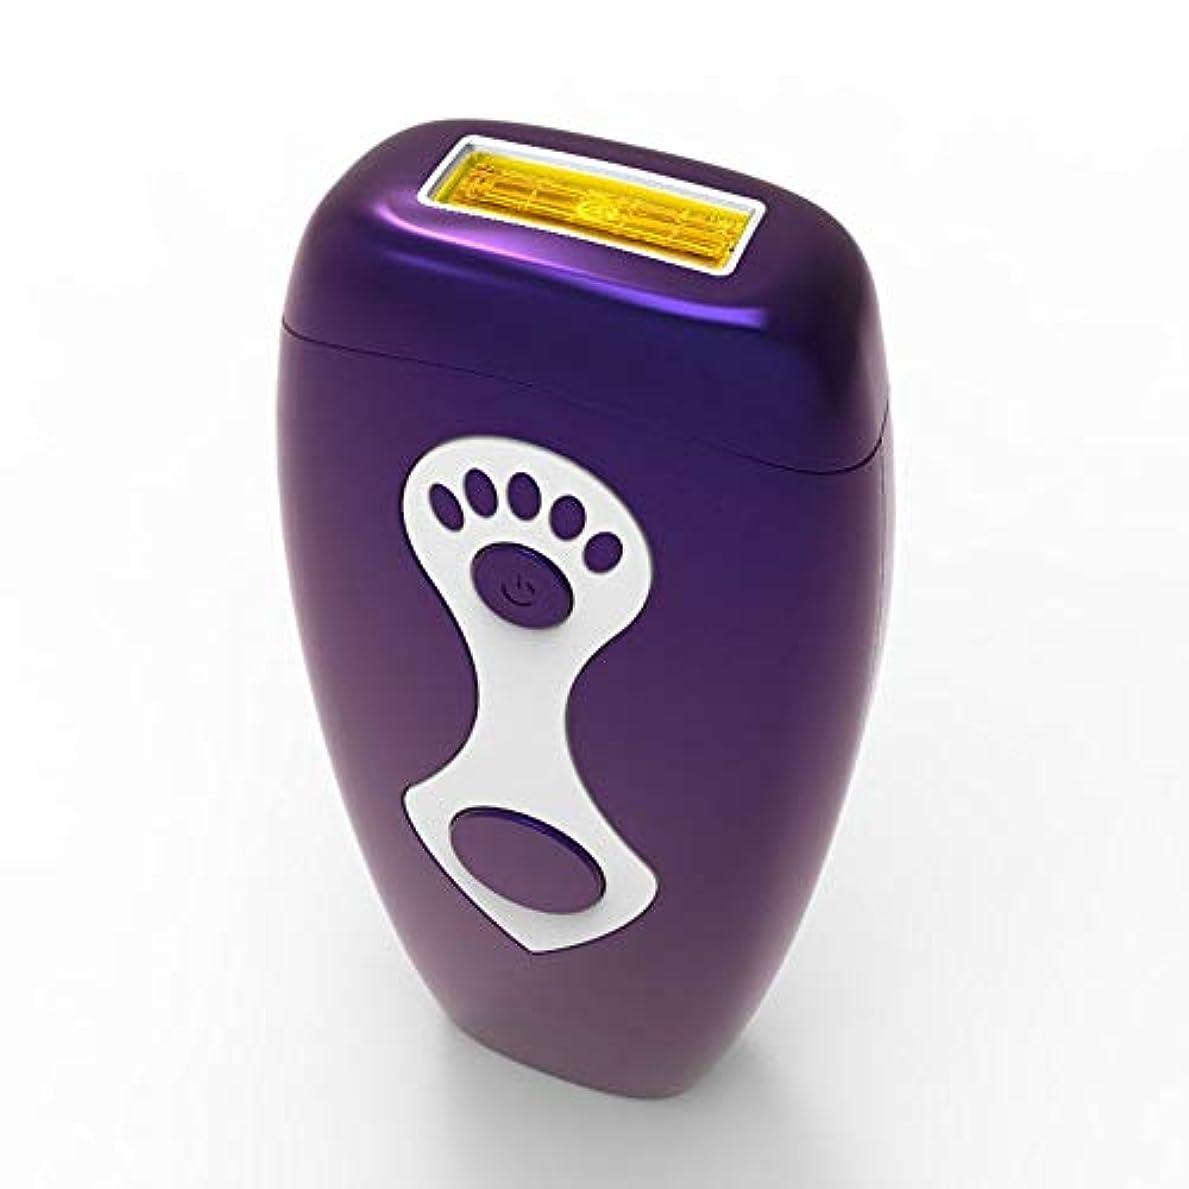 本当のことを言うとアサートブロッサムパーマネント脱毛、家庭用ニュートラルヘアリムーバー、柔らかい肌、マルチ運動エネルギー、安全性、グレード5無料調整、サイズ7.5×16.5 Cm 安全性 (Color : Purple)